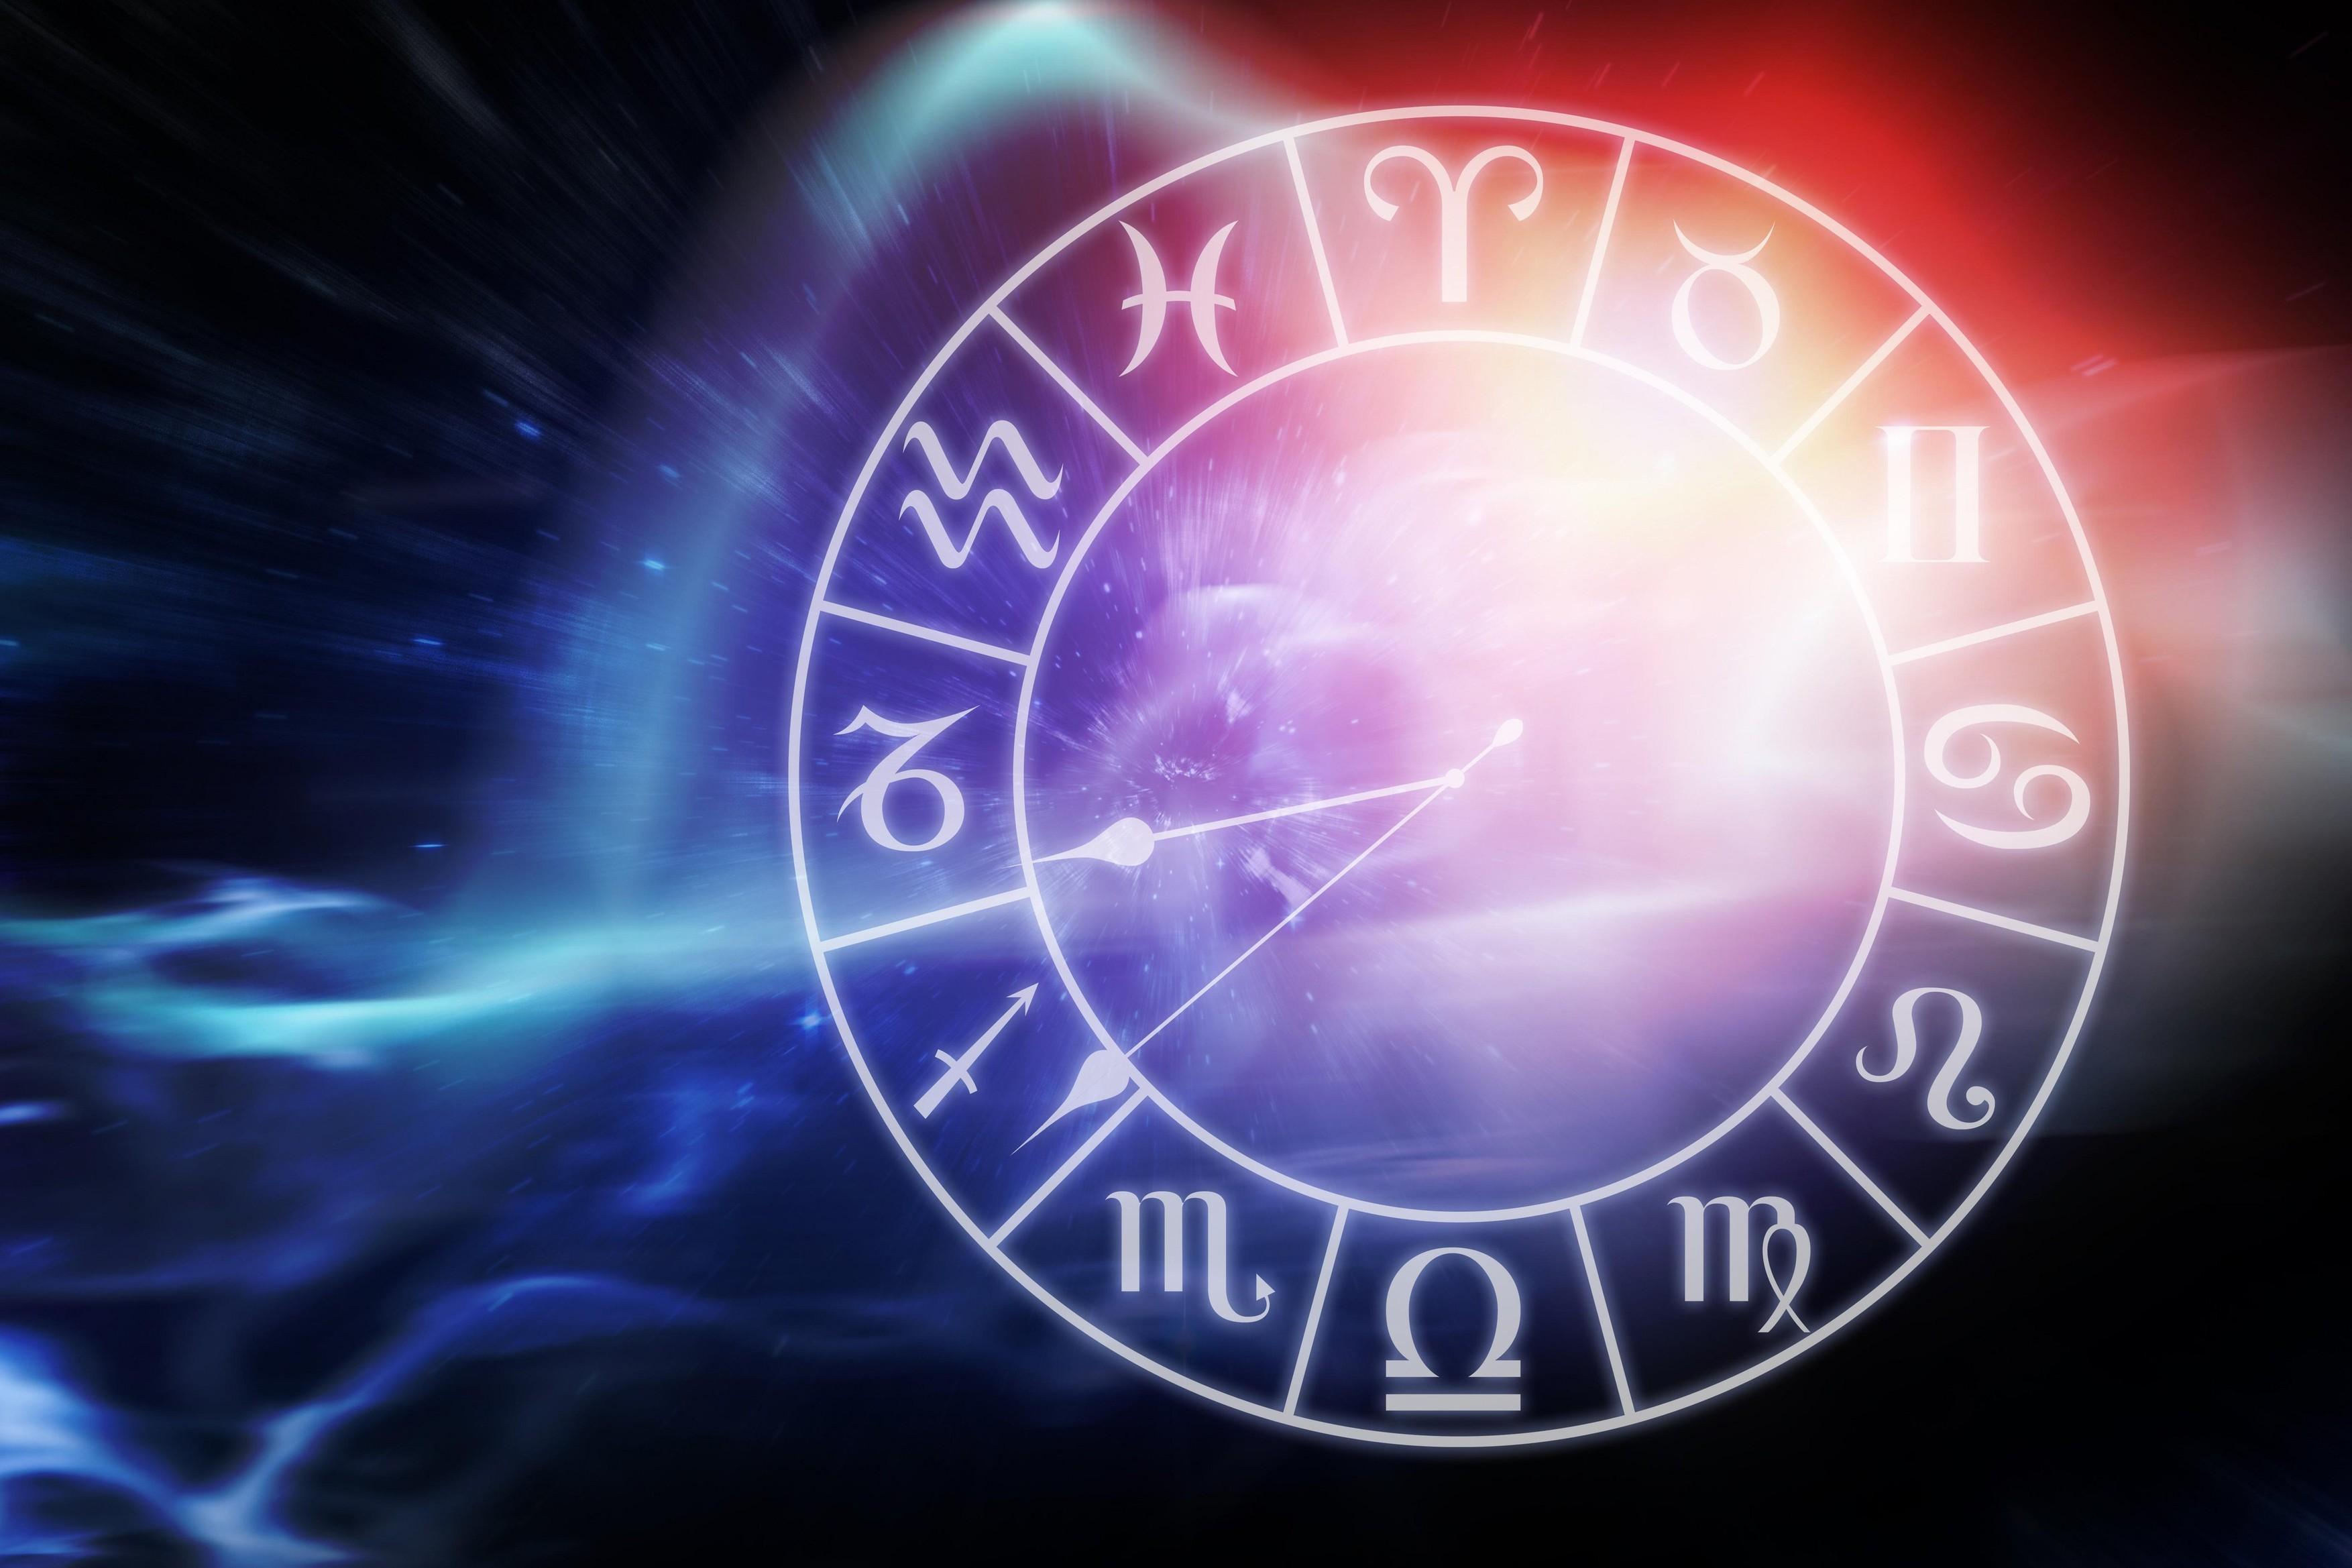 HOROSCOP 31 iulie 2021. Nemulţumiri şi neajunsuri în vieţile acestor zodii. Vezi dacă te numeri printre(...)